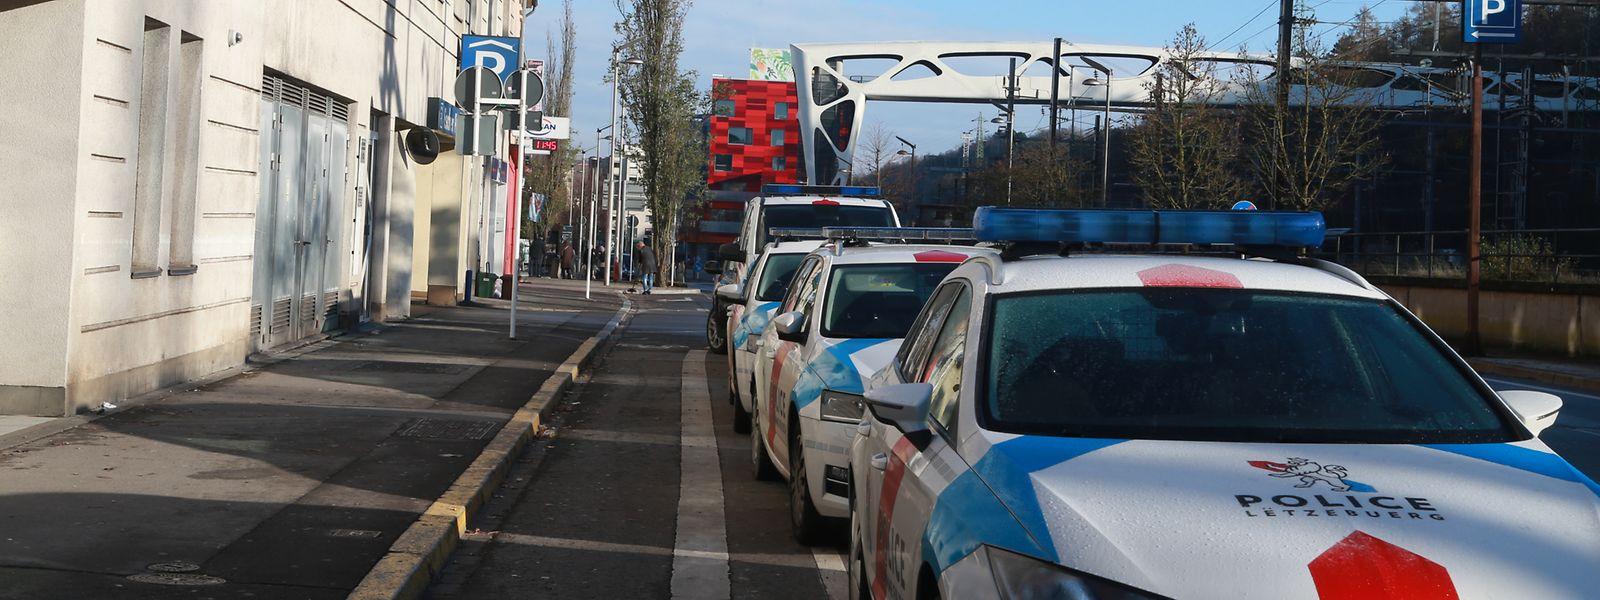 Das gelebte Unsicherheitsgefühl in Esch/Alzette entspricht nicht der realen Unsicherheit, sagt Polizeiregionaldirektor Daniel Reiffers.